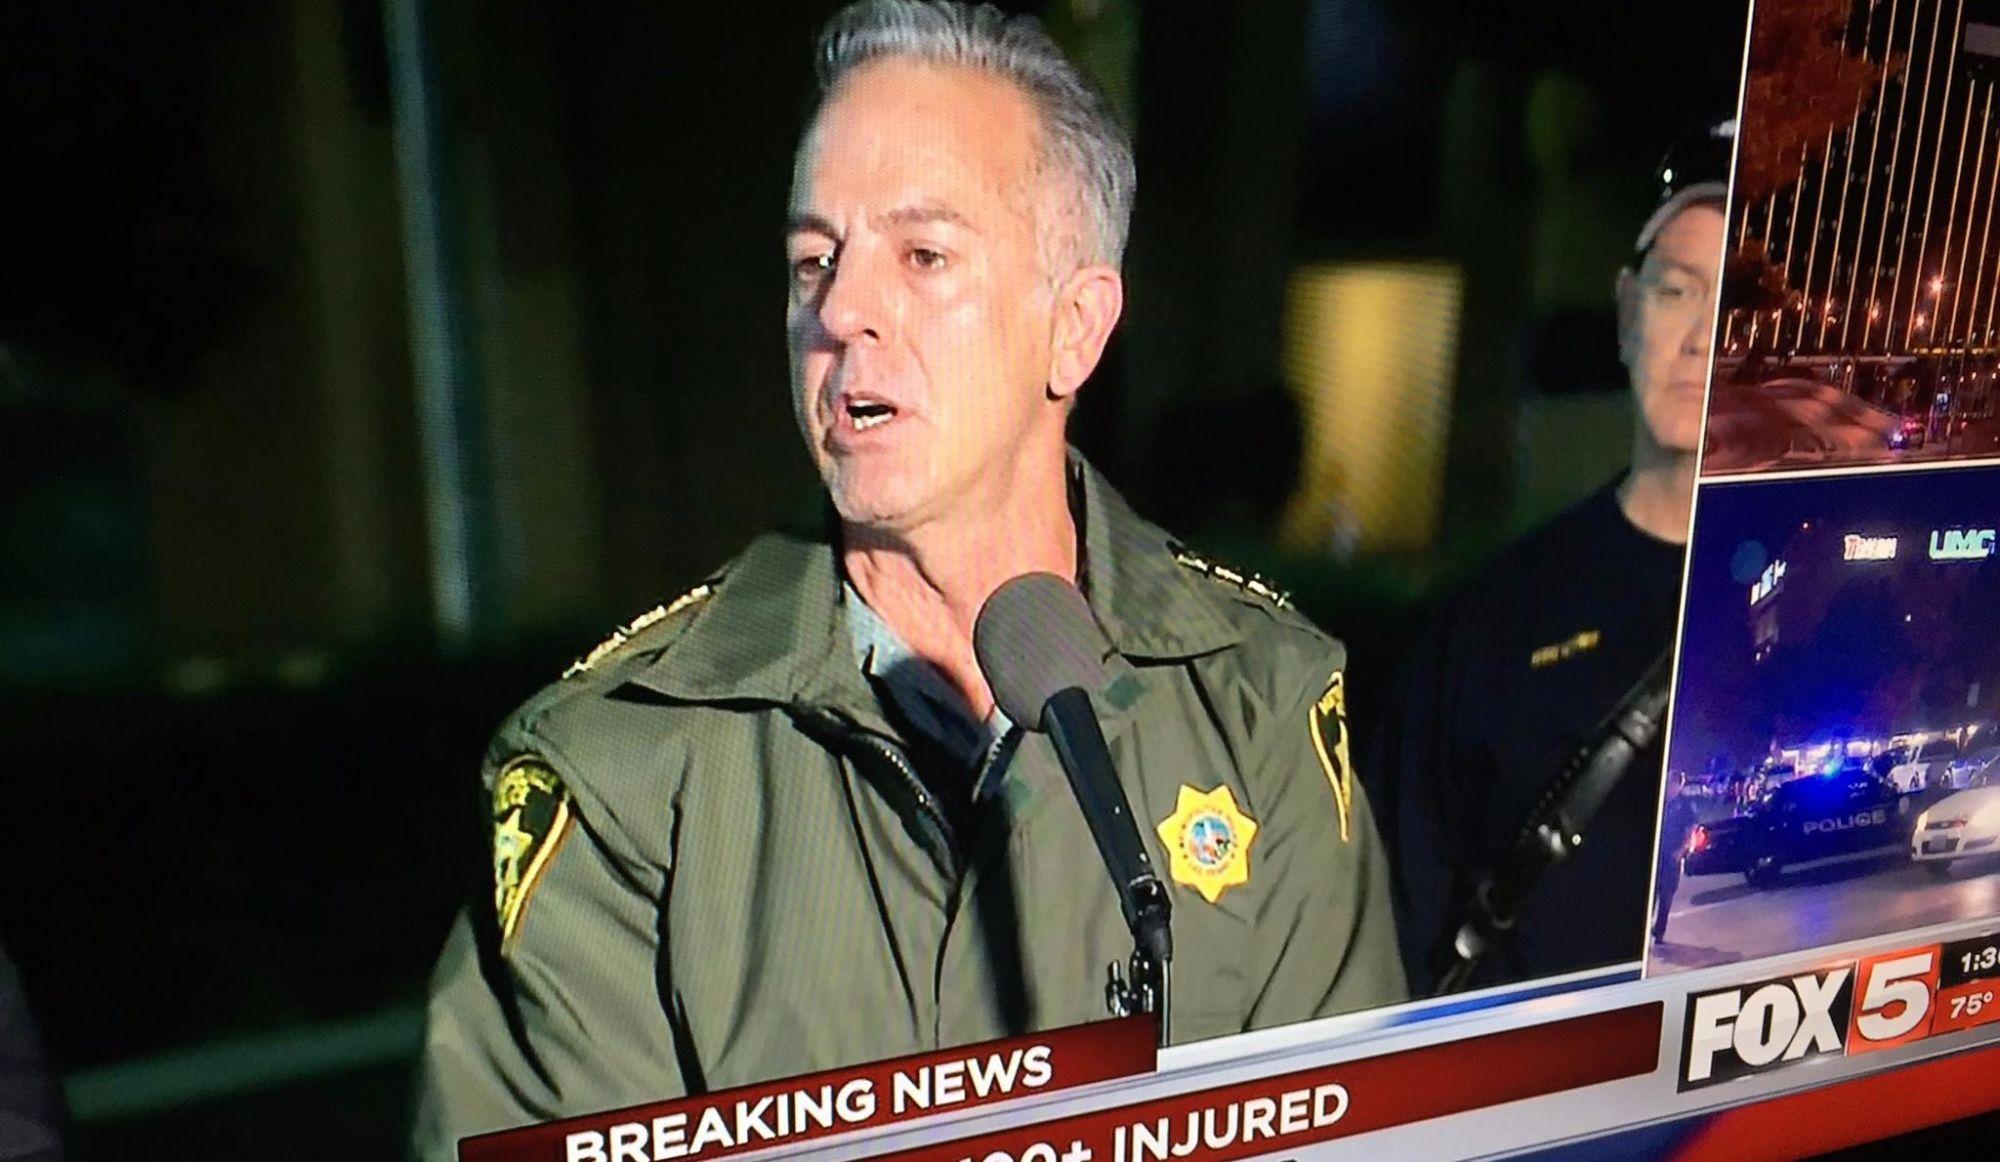 La police de Las Vegas poursuivie pour avoir été trop lente à réagir